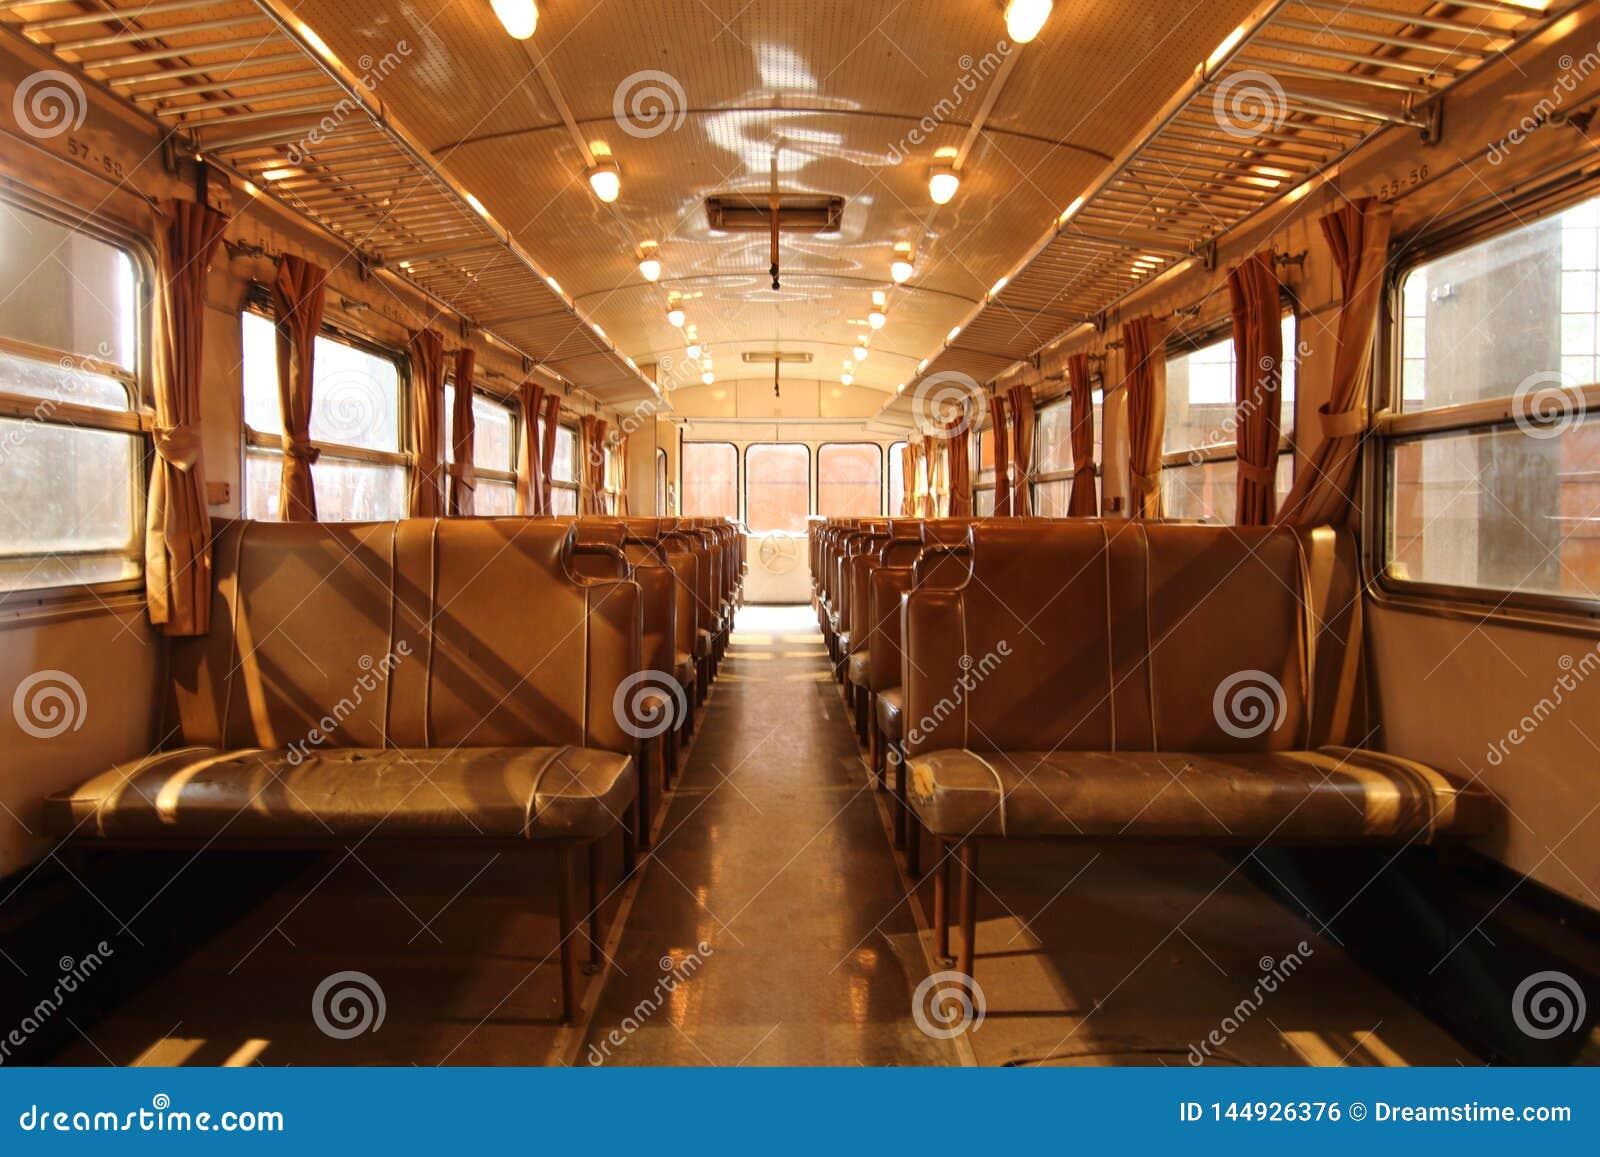 Внутренний железнодорожный экипаж пассажира, без пассажиров